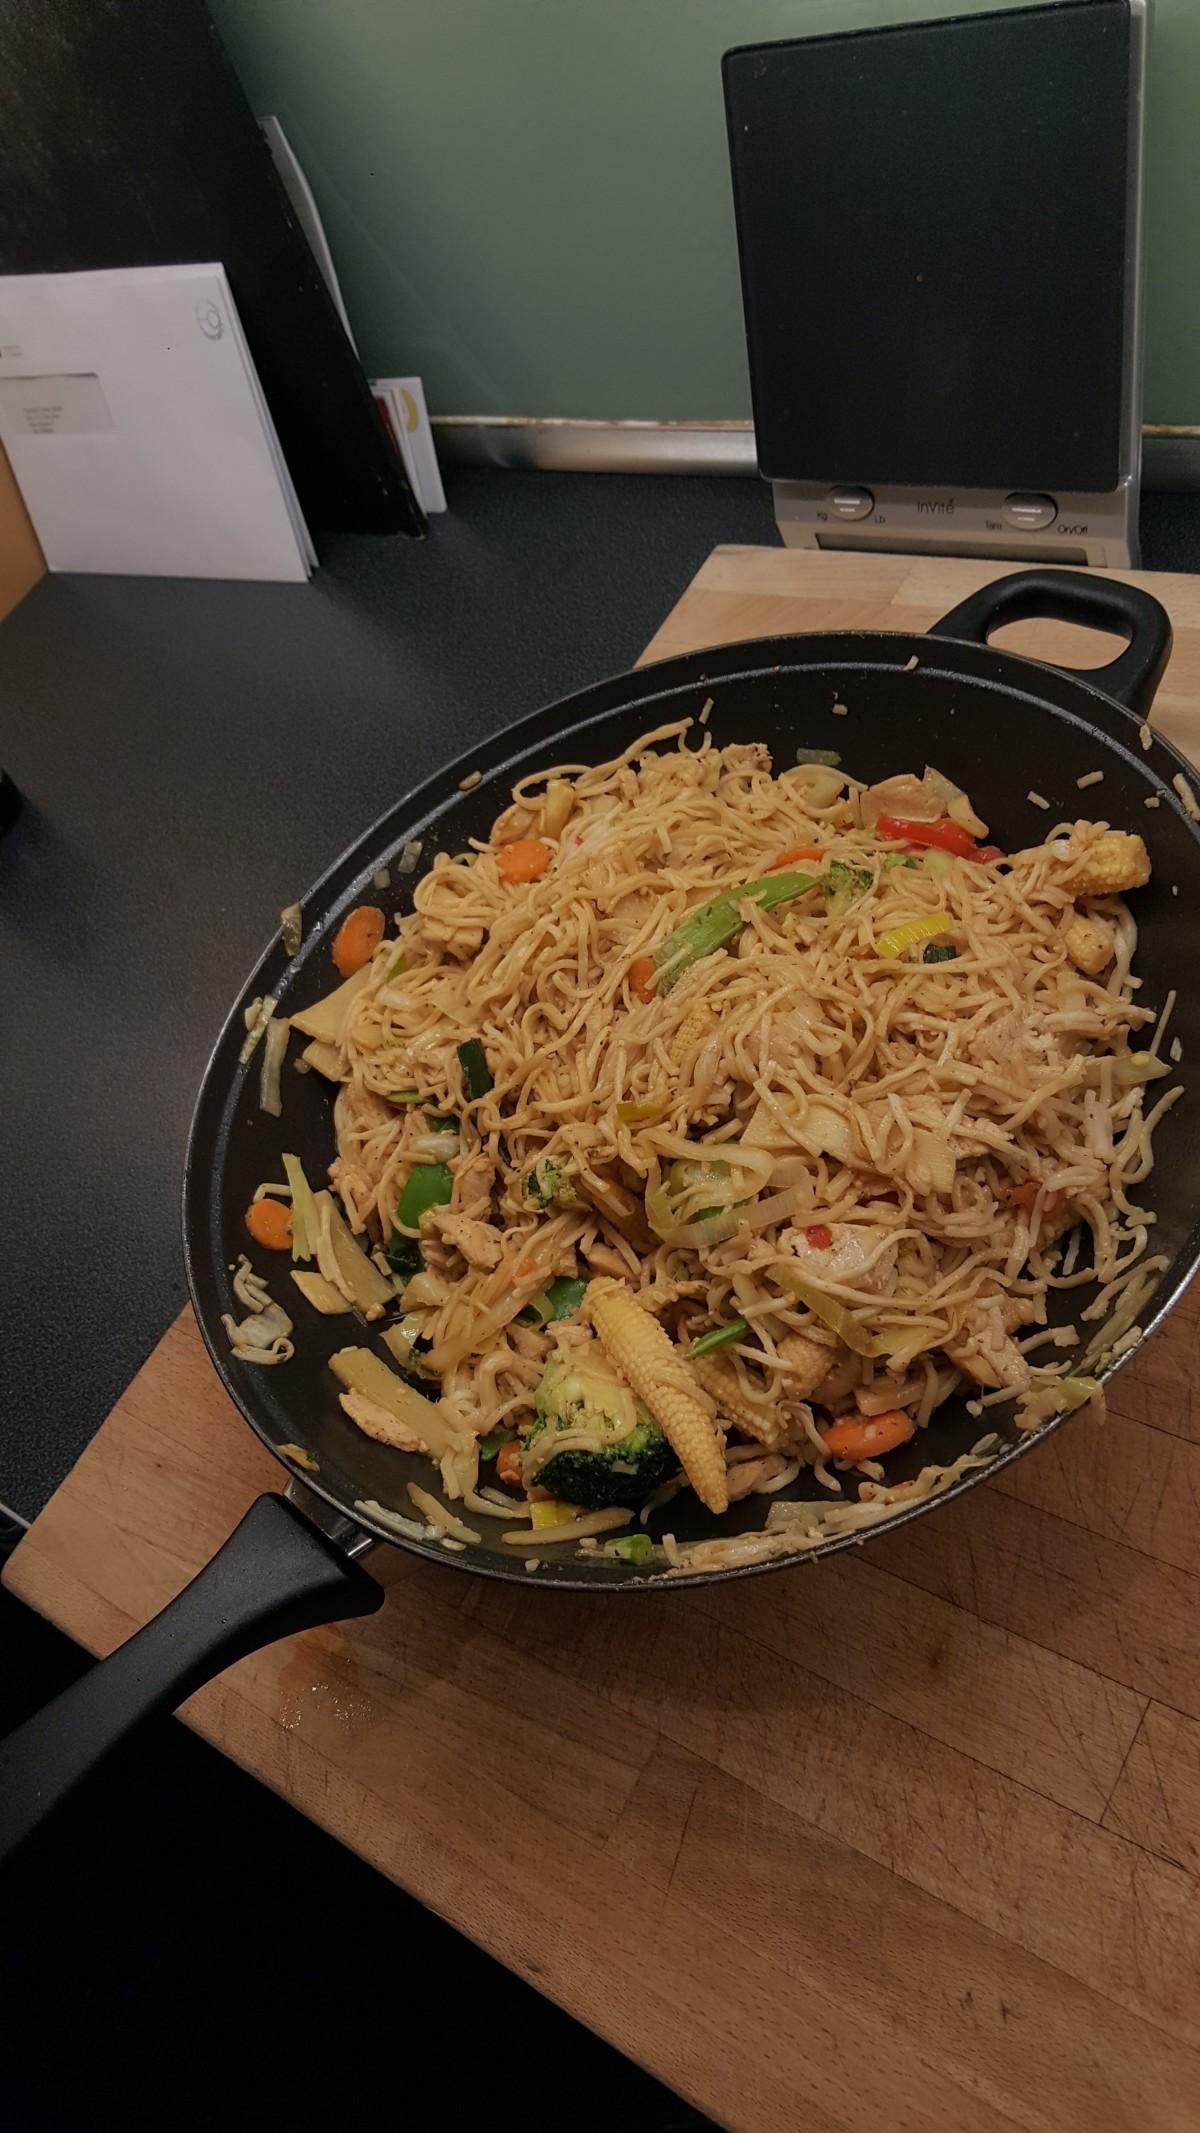 enkeloppskrift-ferdigpå123-enkelmat-lettålage-amatøroppskrift-wok-asiatisk-asia-kina-japan-nudler-nuddelwok-soya-soyasaus-wokblanding-mat-middag-wokgrønnsaker-eggnudler-isalicious-bloggno-blogg-eggnoodles-eggnudler